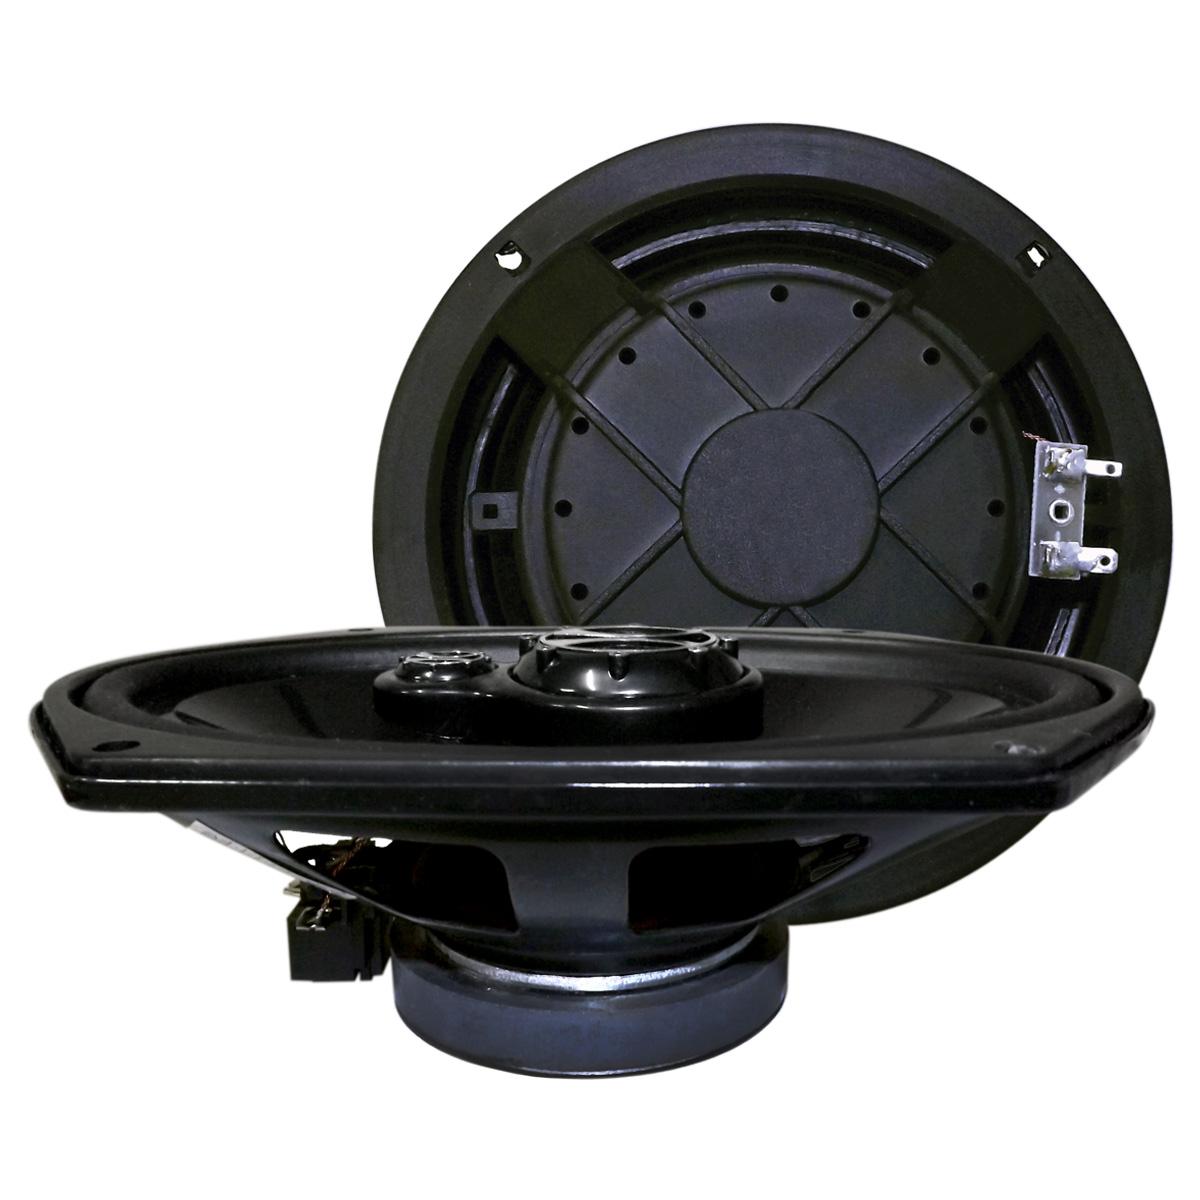 Kit Alto Falante Similiar ao Original Parati 4 Portas G2 G3 G4  #4C567F 1200x1200 Balança De Banheiro Falante